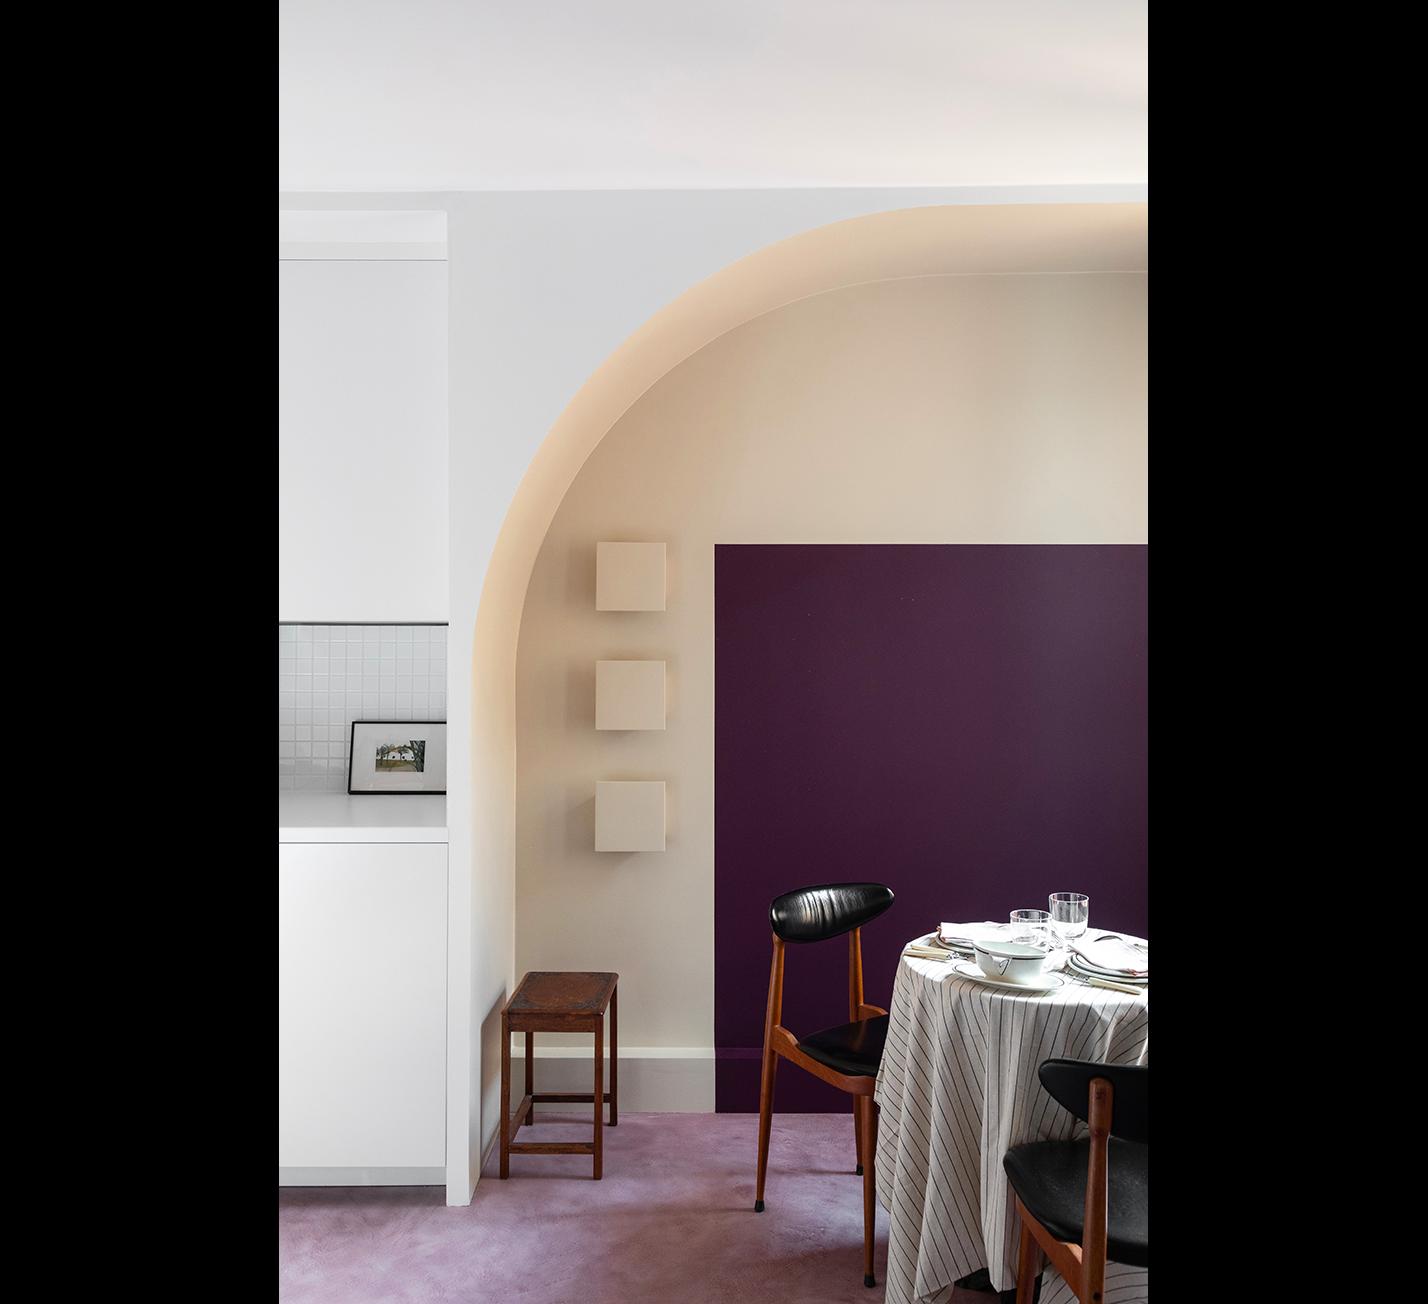 Appartement-Léon-paris-rénovation-architecture-paris-construction-atelier-steve-pauline-borgia-18